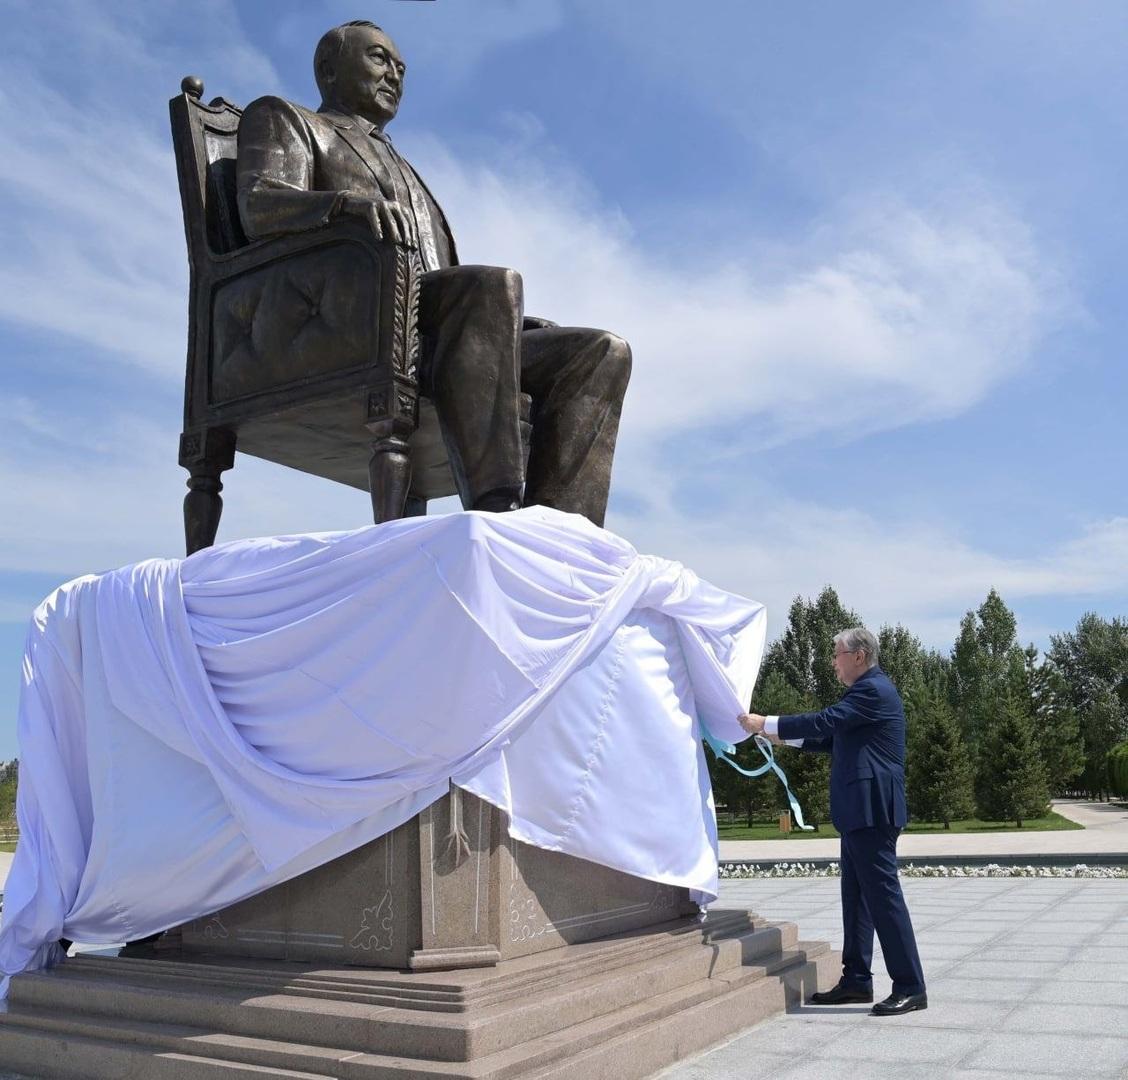 إزاحة الستار عن النصب التذكاري لرئيس كازاخستان الأول نور سلطان نزارباييف